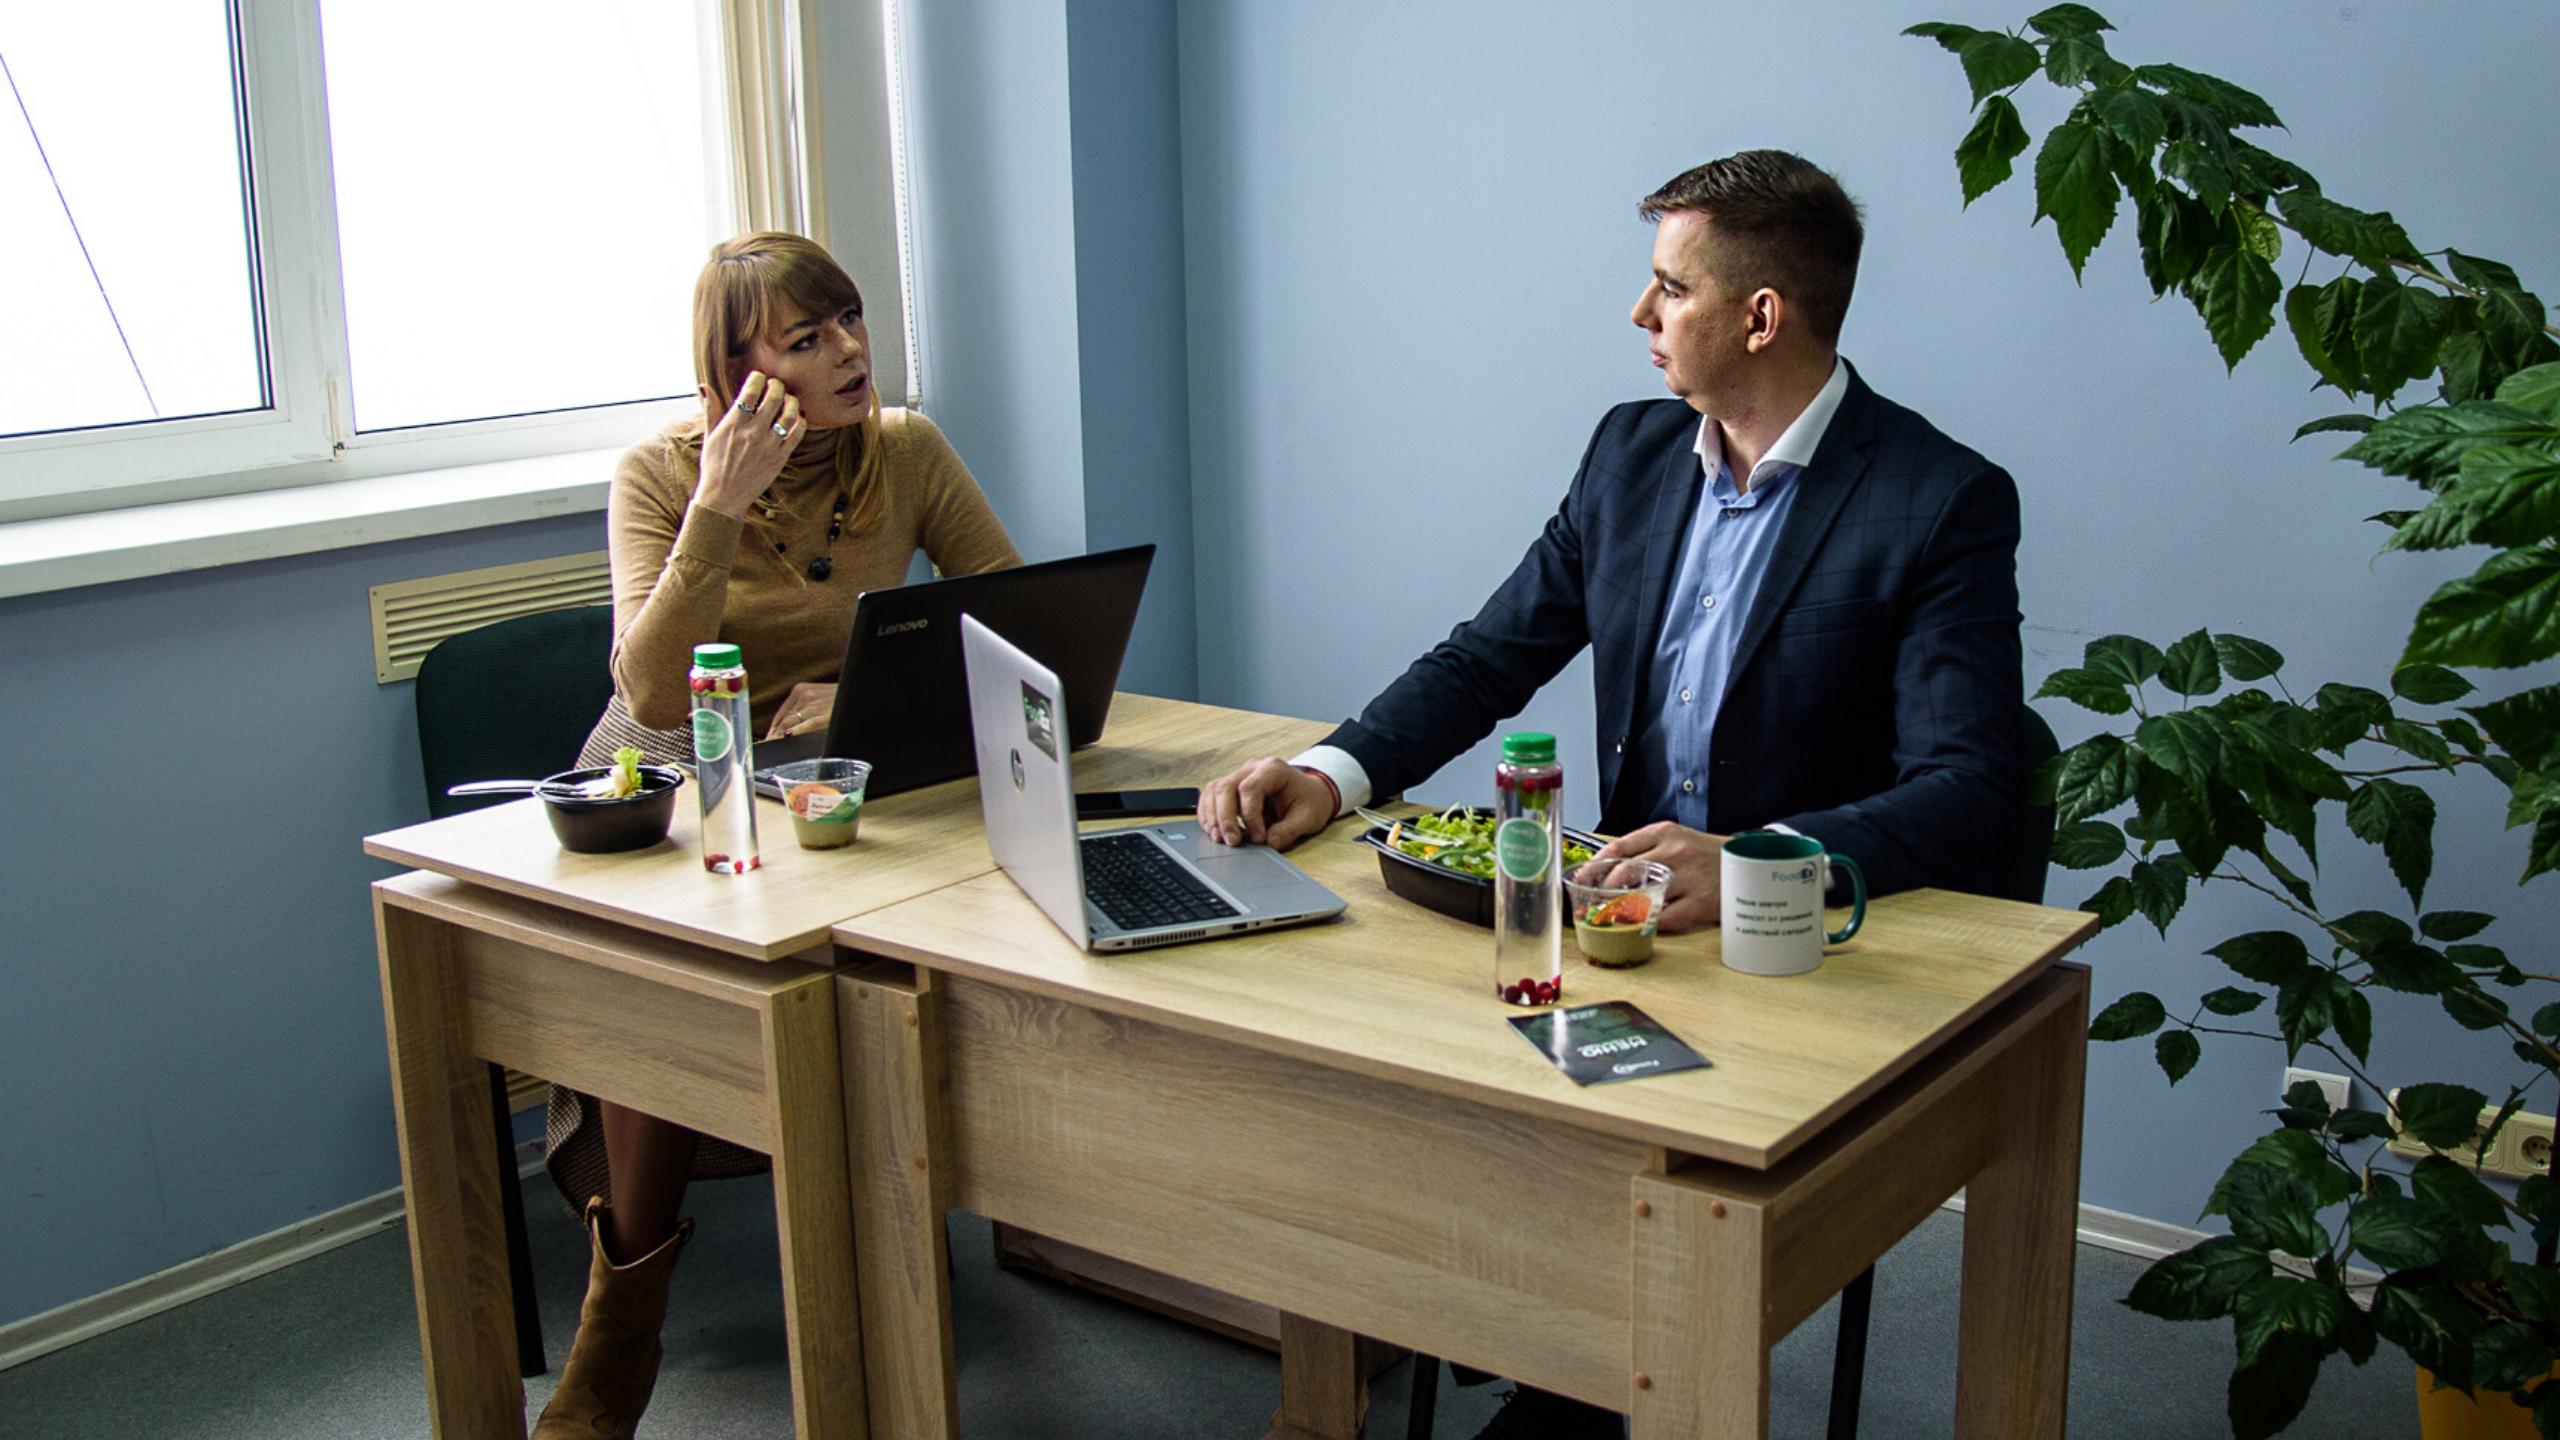 Світлана Котенко та Сергій Котенко — засновники сервісу здорового харчування FoodEx